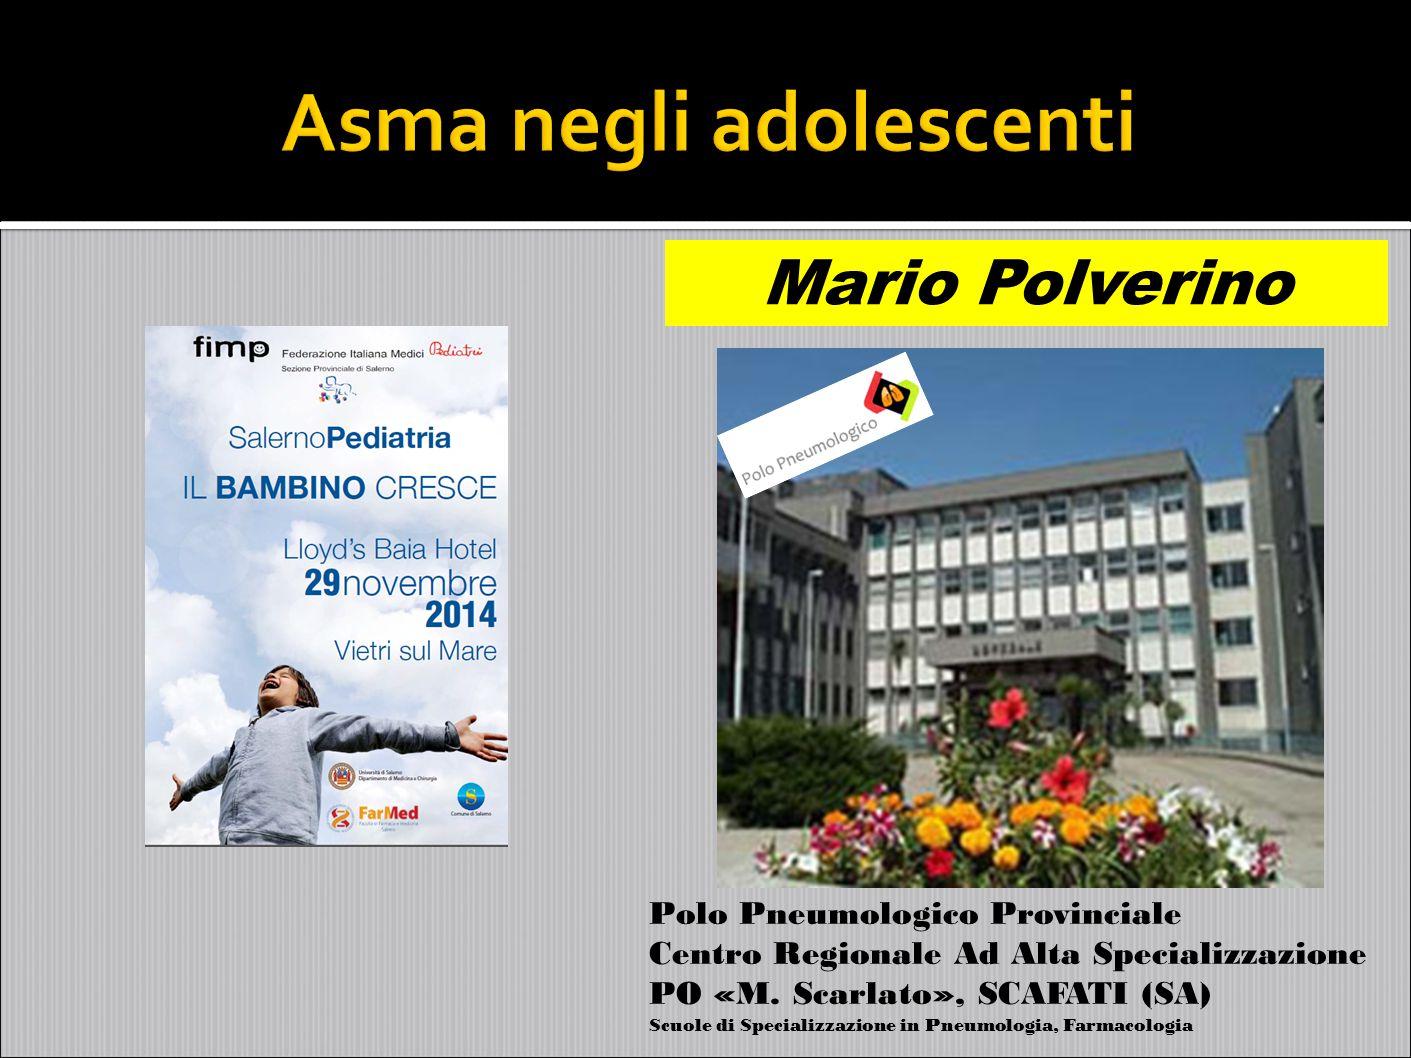 Asma negli adolescenti